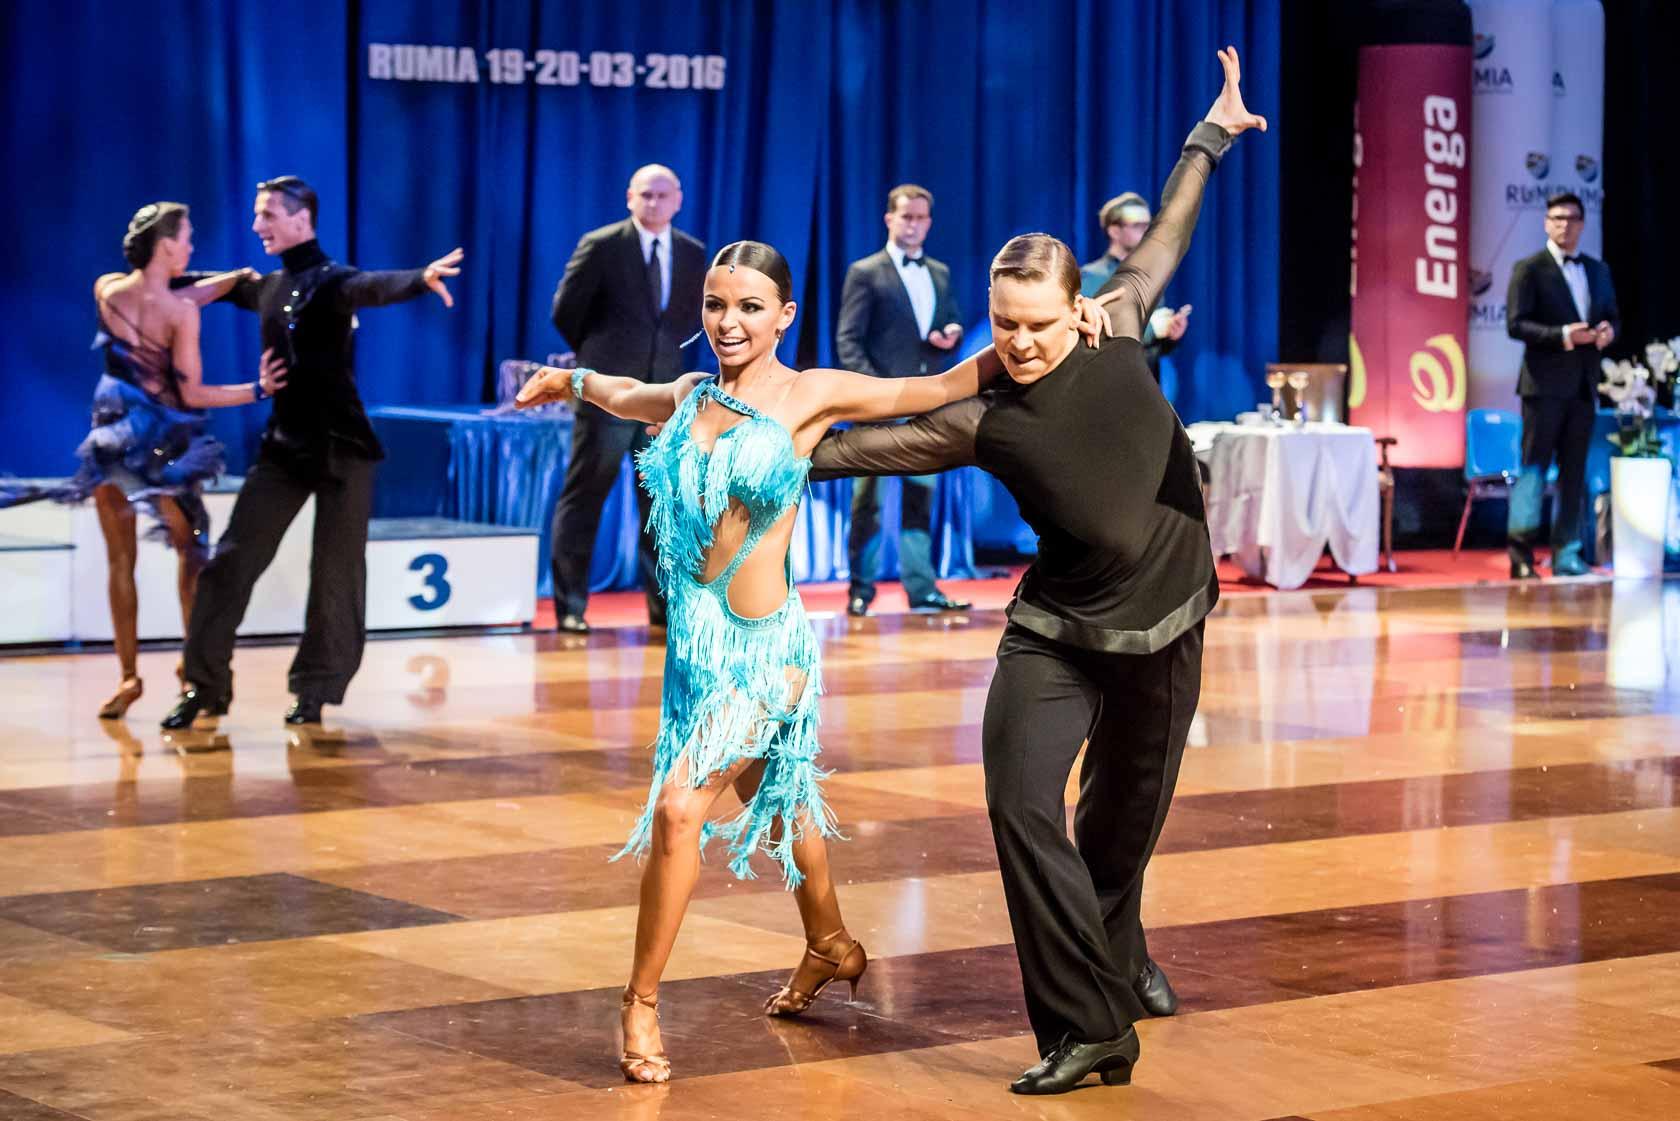 Turniej o Puchar Burmistrza Rumi i Grand Prix FTS